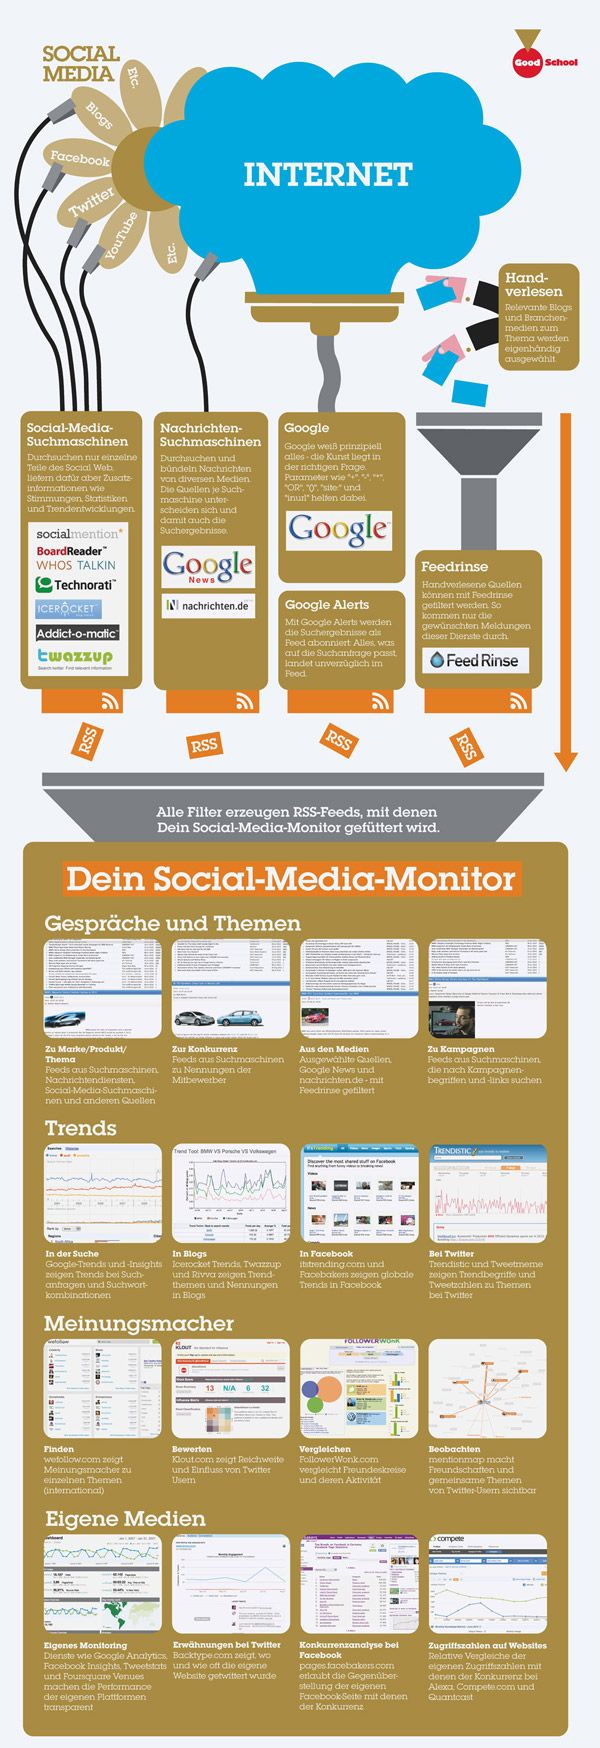 Good School Markenmonitor - Social Media Monitoring